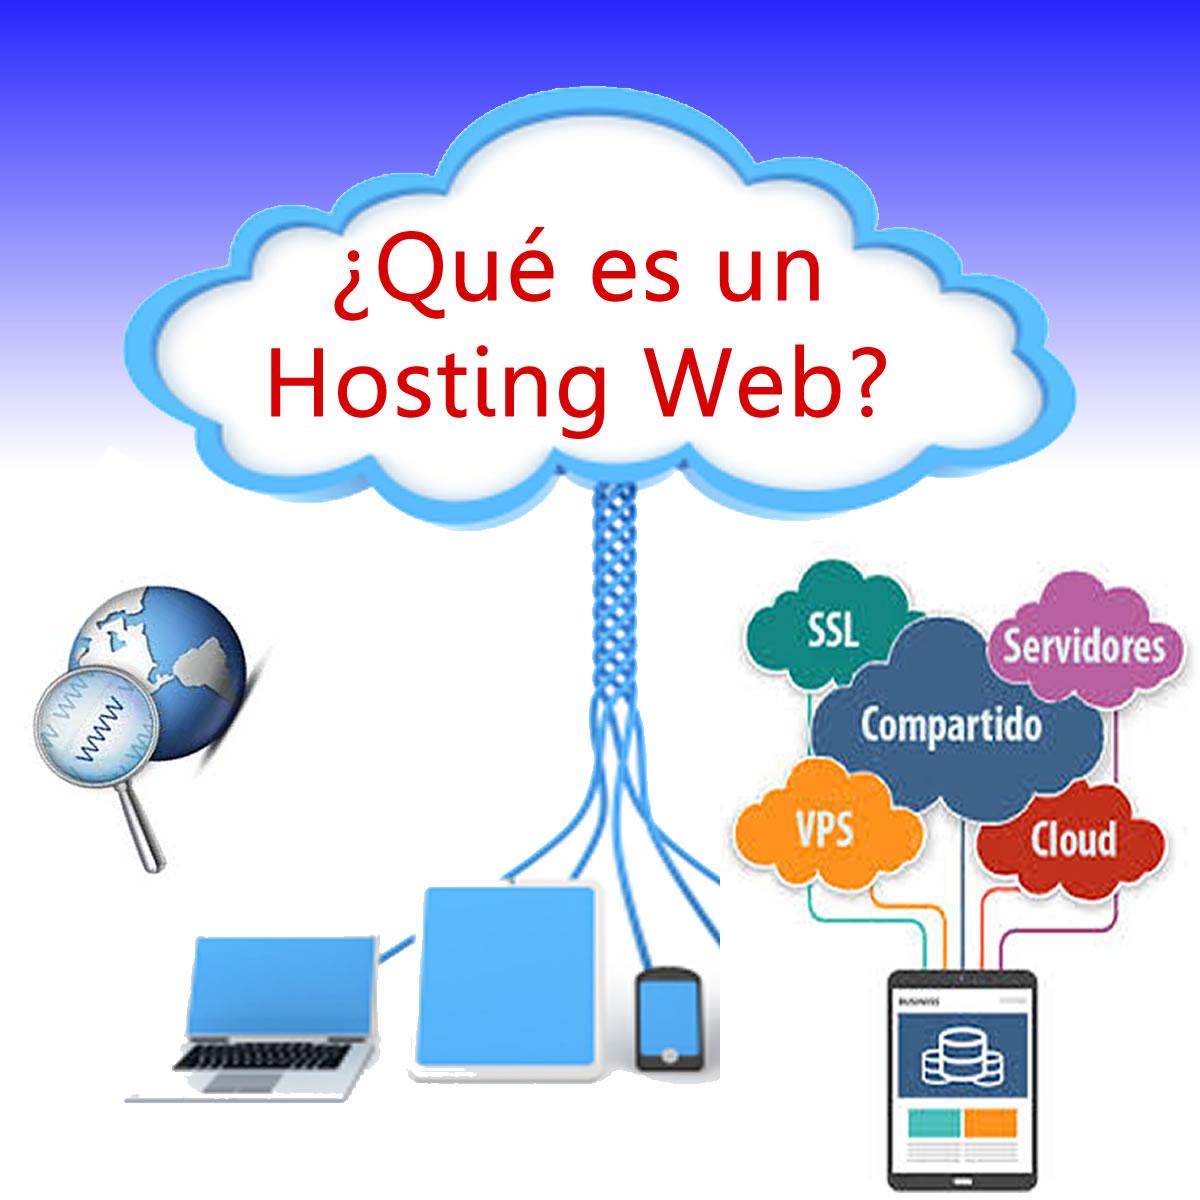 un Hosting Web